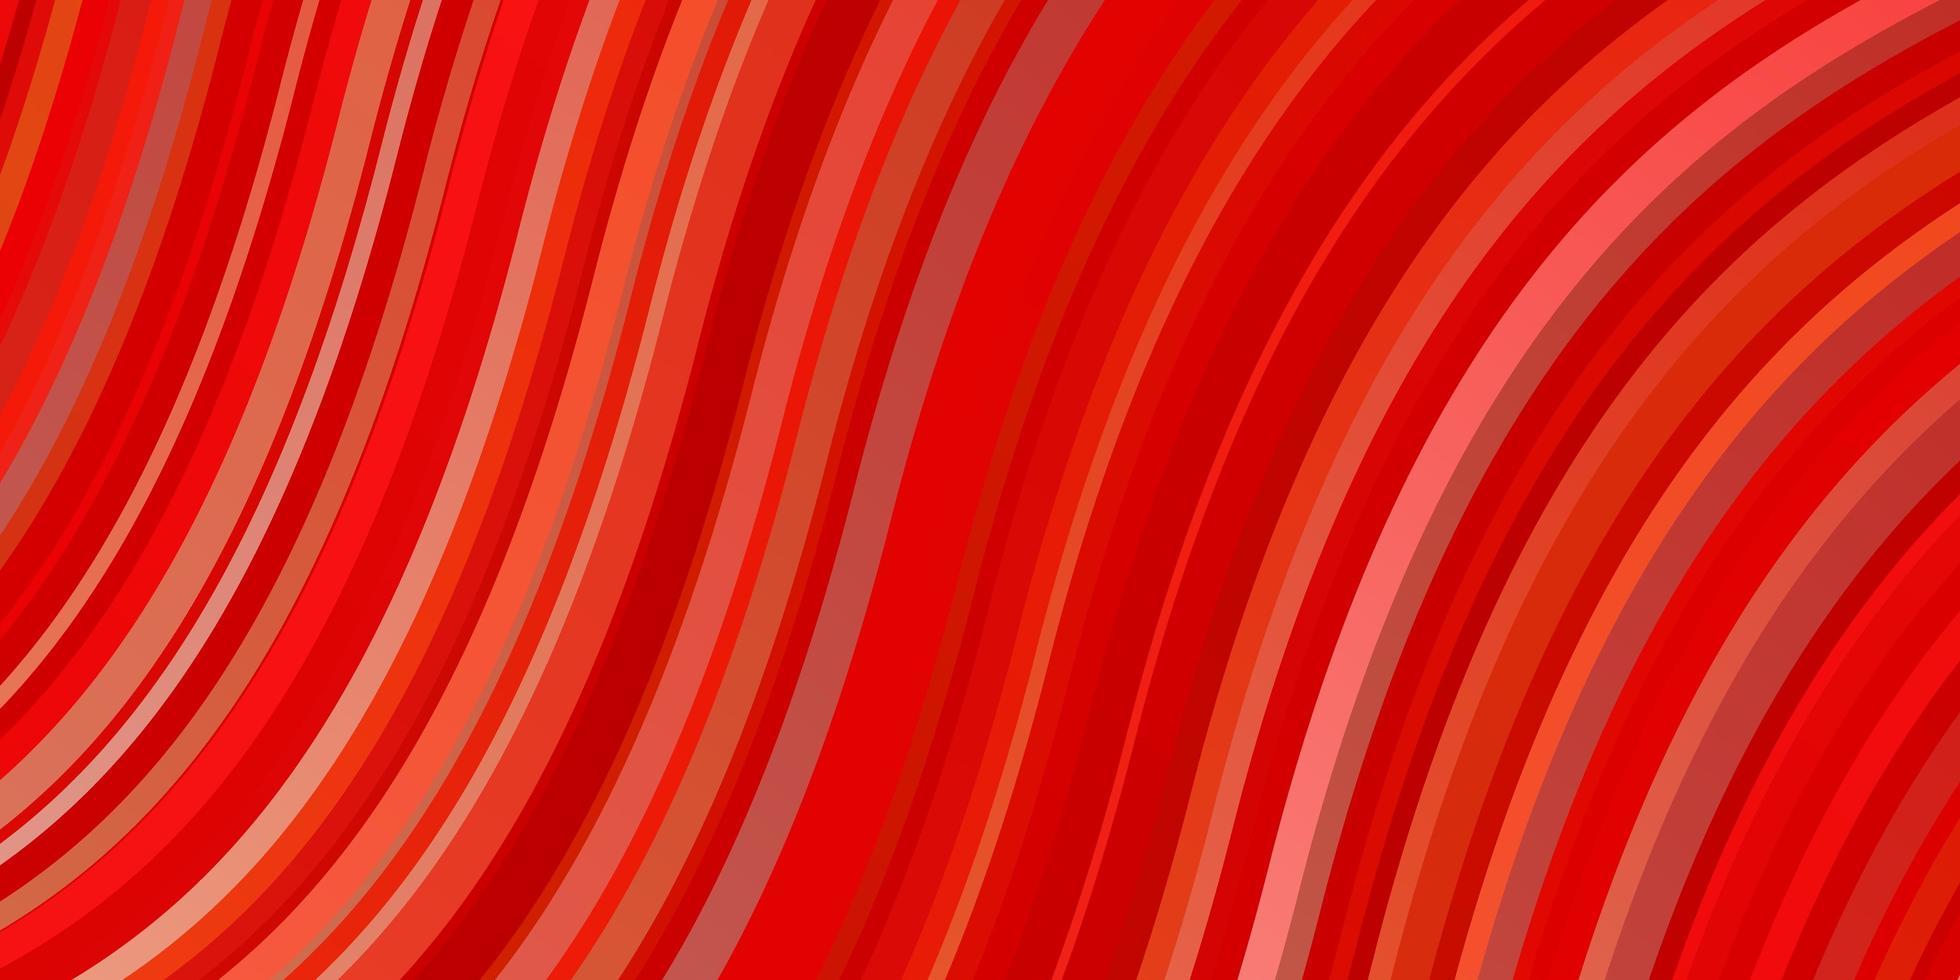 hellrotes, gelbes Vektorlayout mit schiefen Linien. vektor